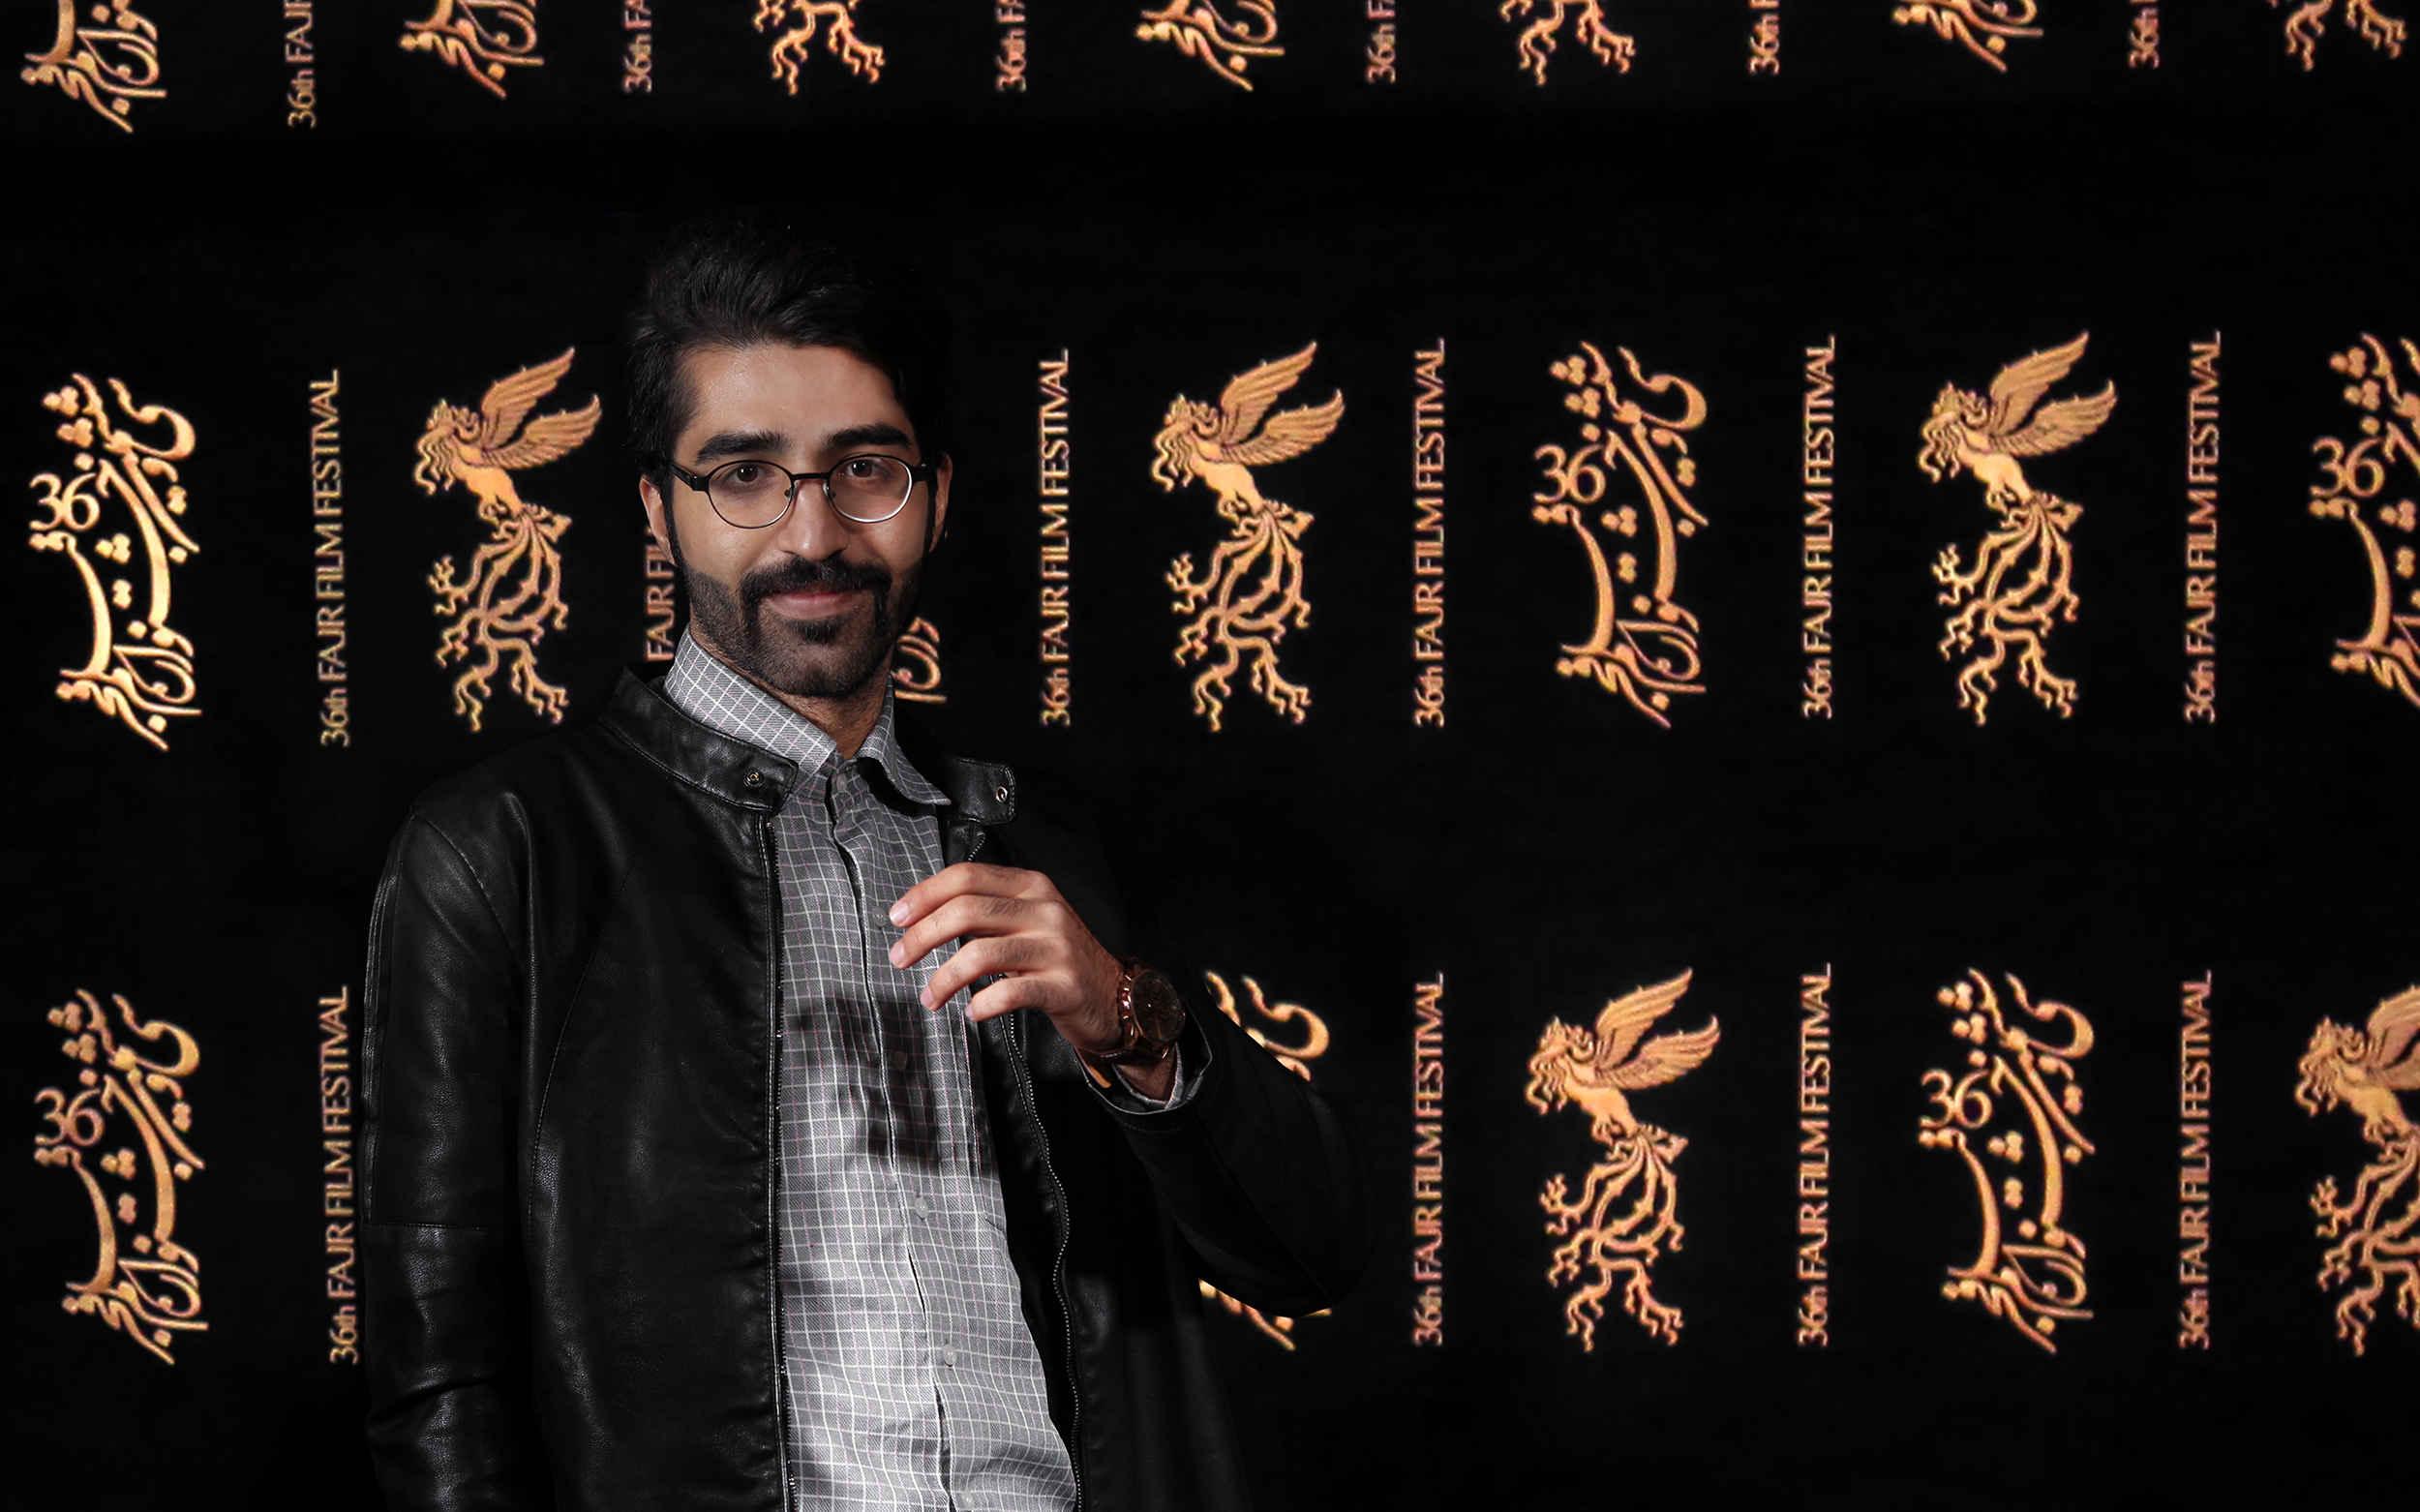 مهدی کیانی بازیگر و کارگردان در جشنواره فیلم فجر